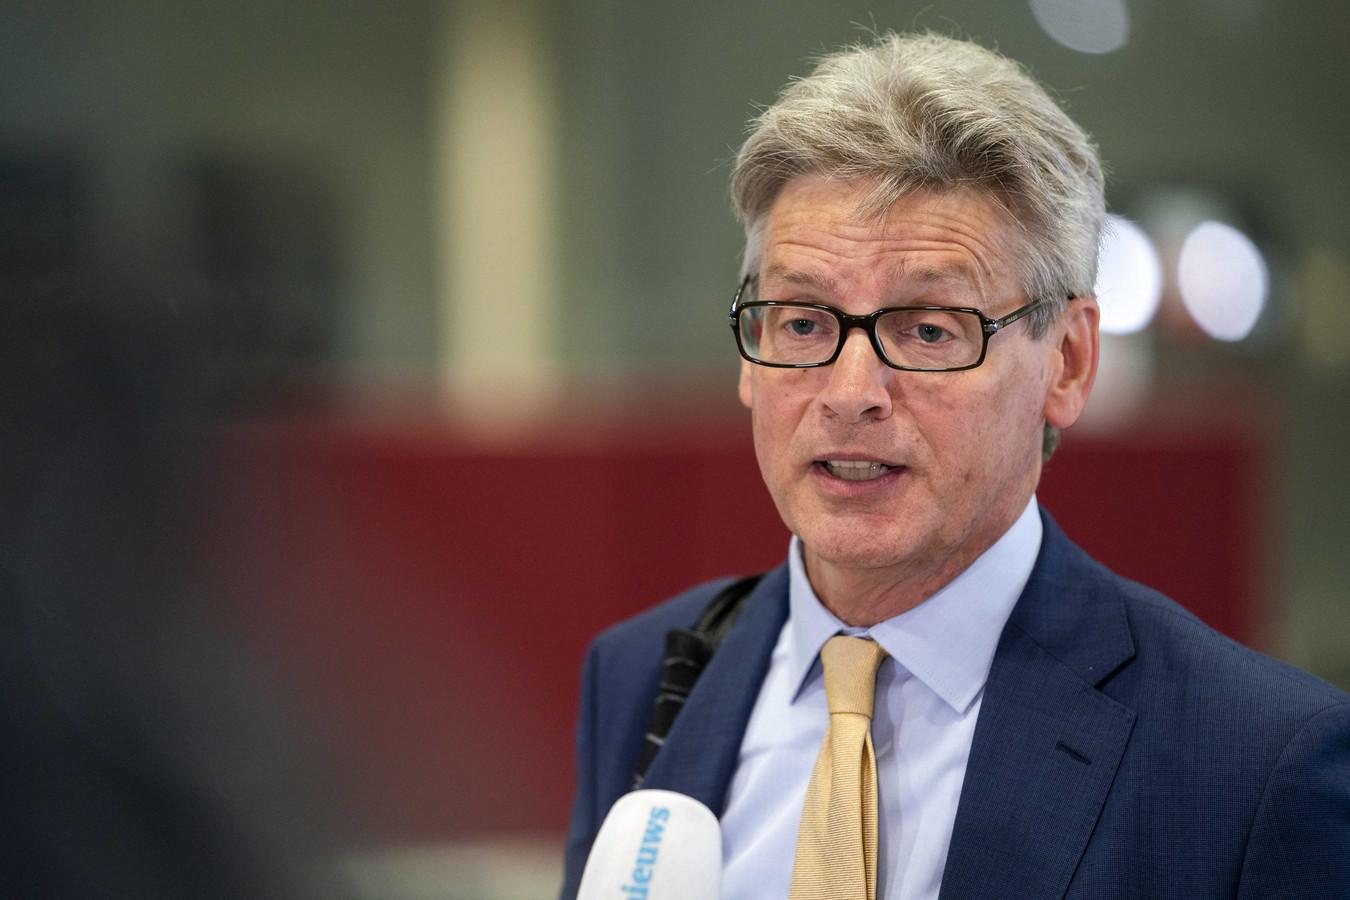 Burgemeester Lucas Bolsius van Amersfoort ziet een avondklok niet zitten.